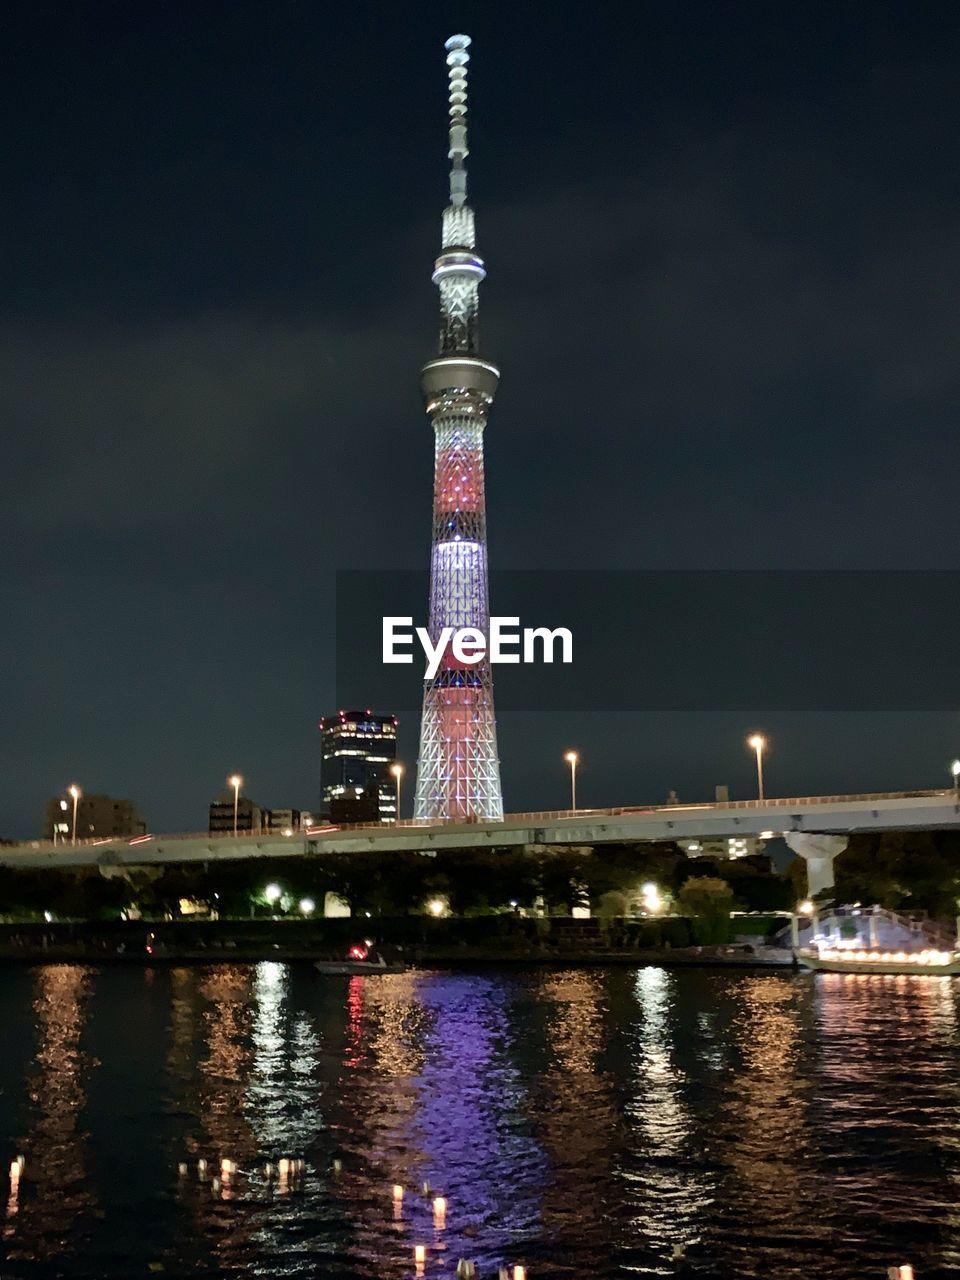 VIEW OF ILLUMINATED TOWER BRIDGE AT NIGHT